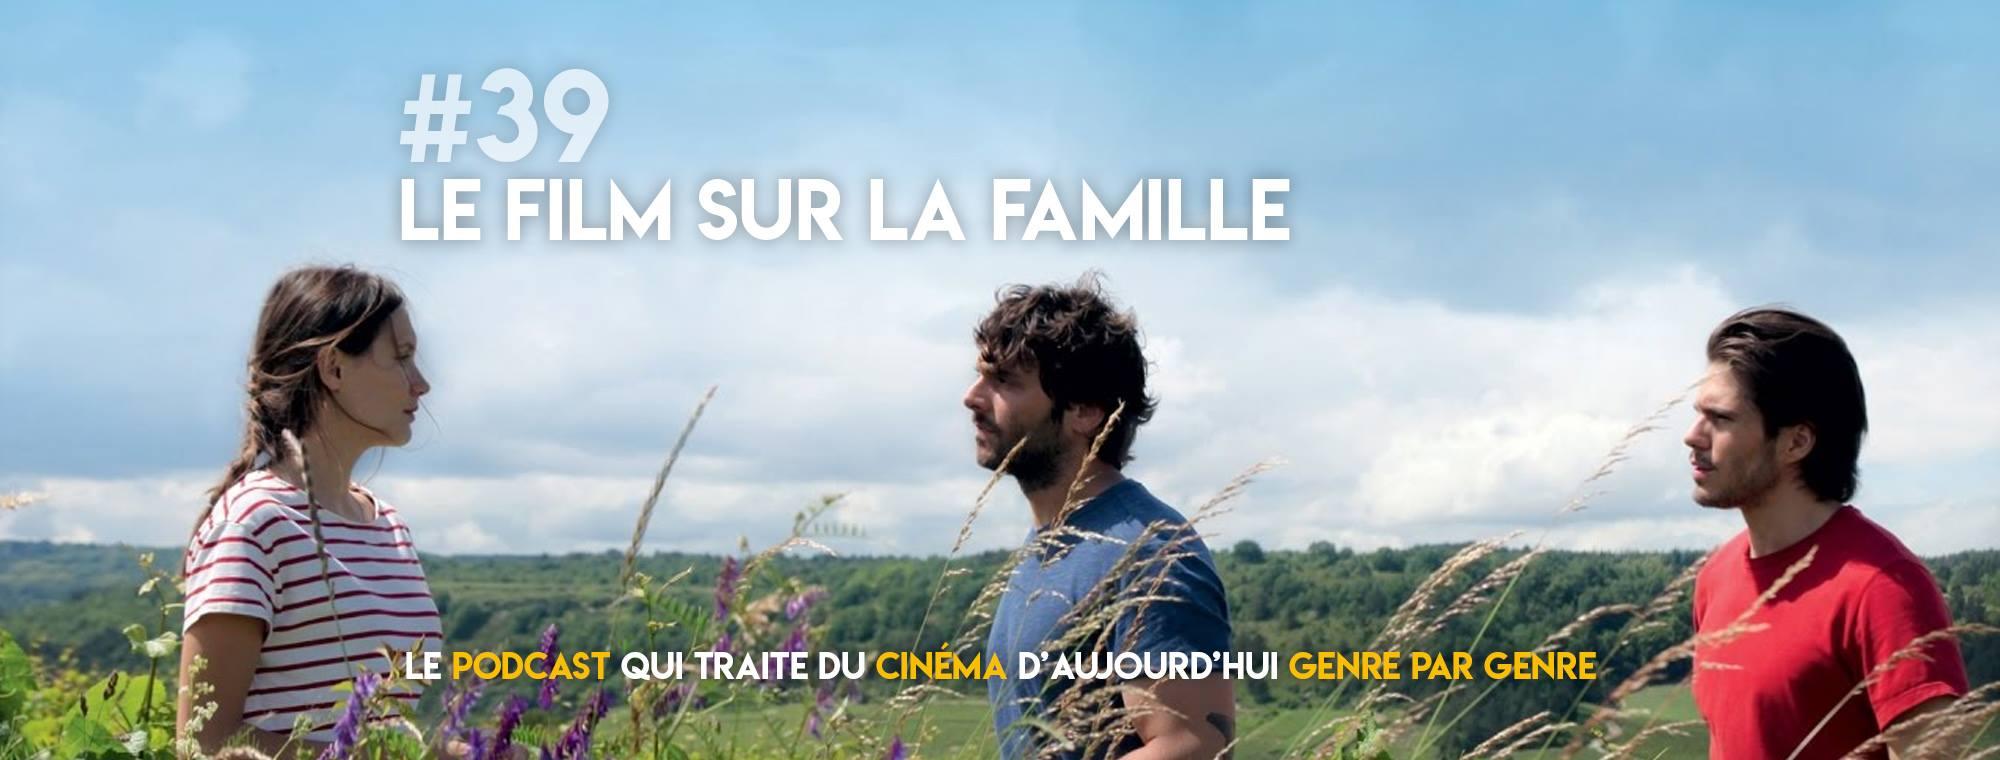 Parlons Péloches - #39 Le film sur la famille (ft. Fabrice Florent)